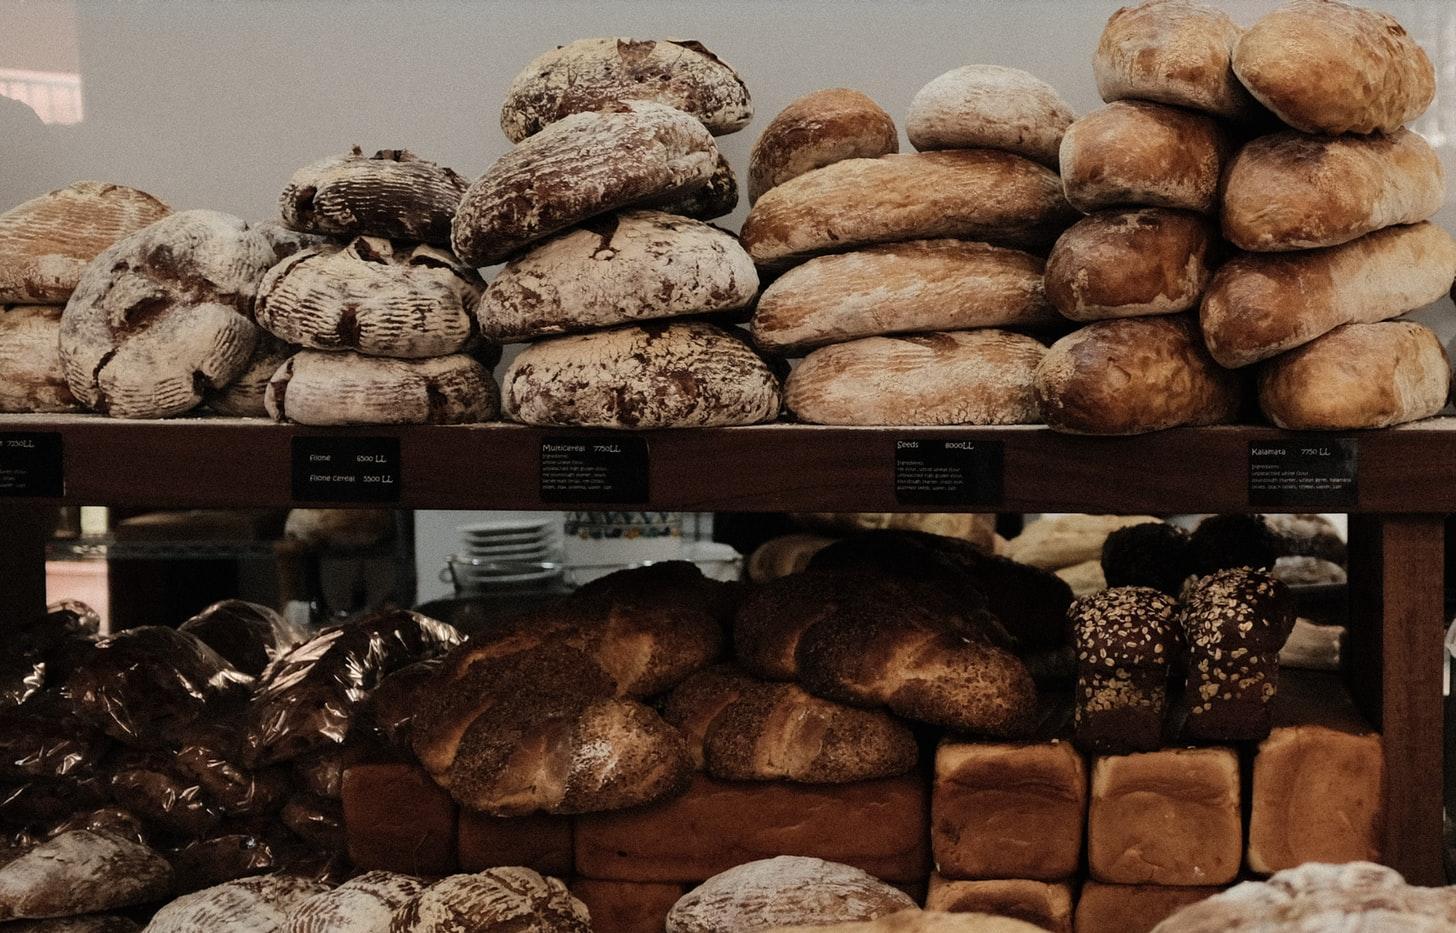 Тверские власти помогут хлебзаводам не взвинчивать цены - новости Афанасий